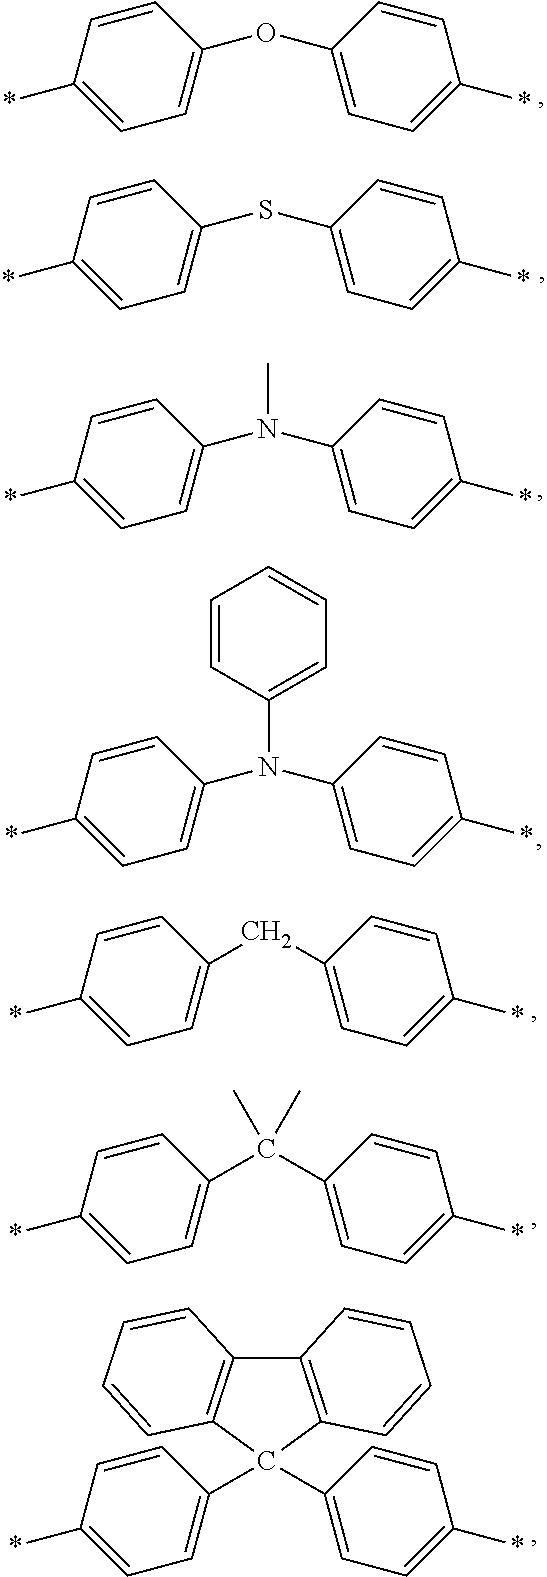 Figure US09644065-20170509-C00009